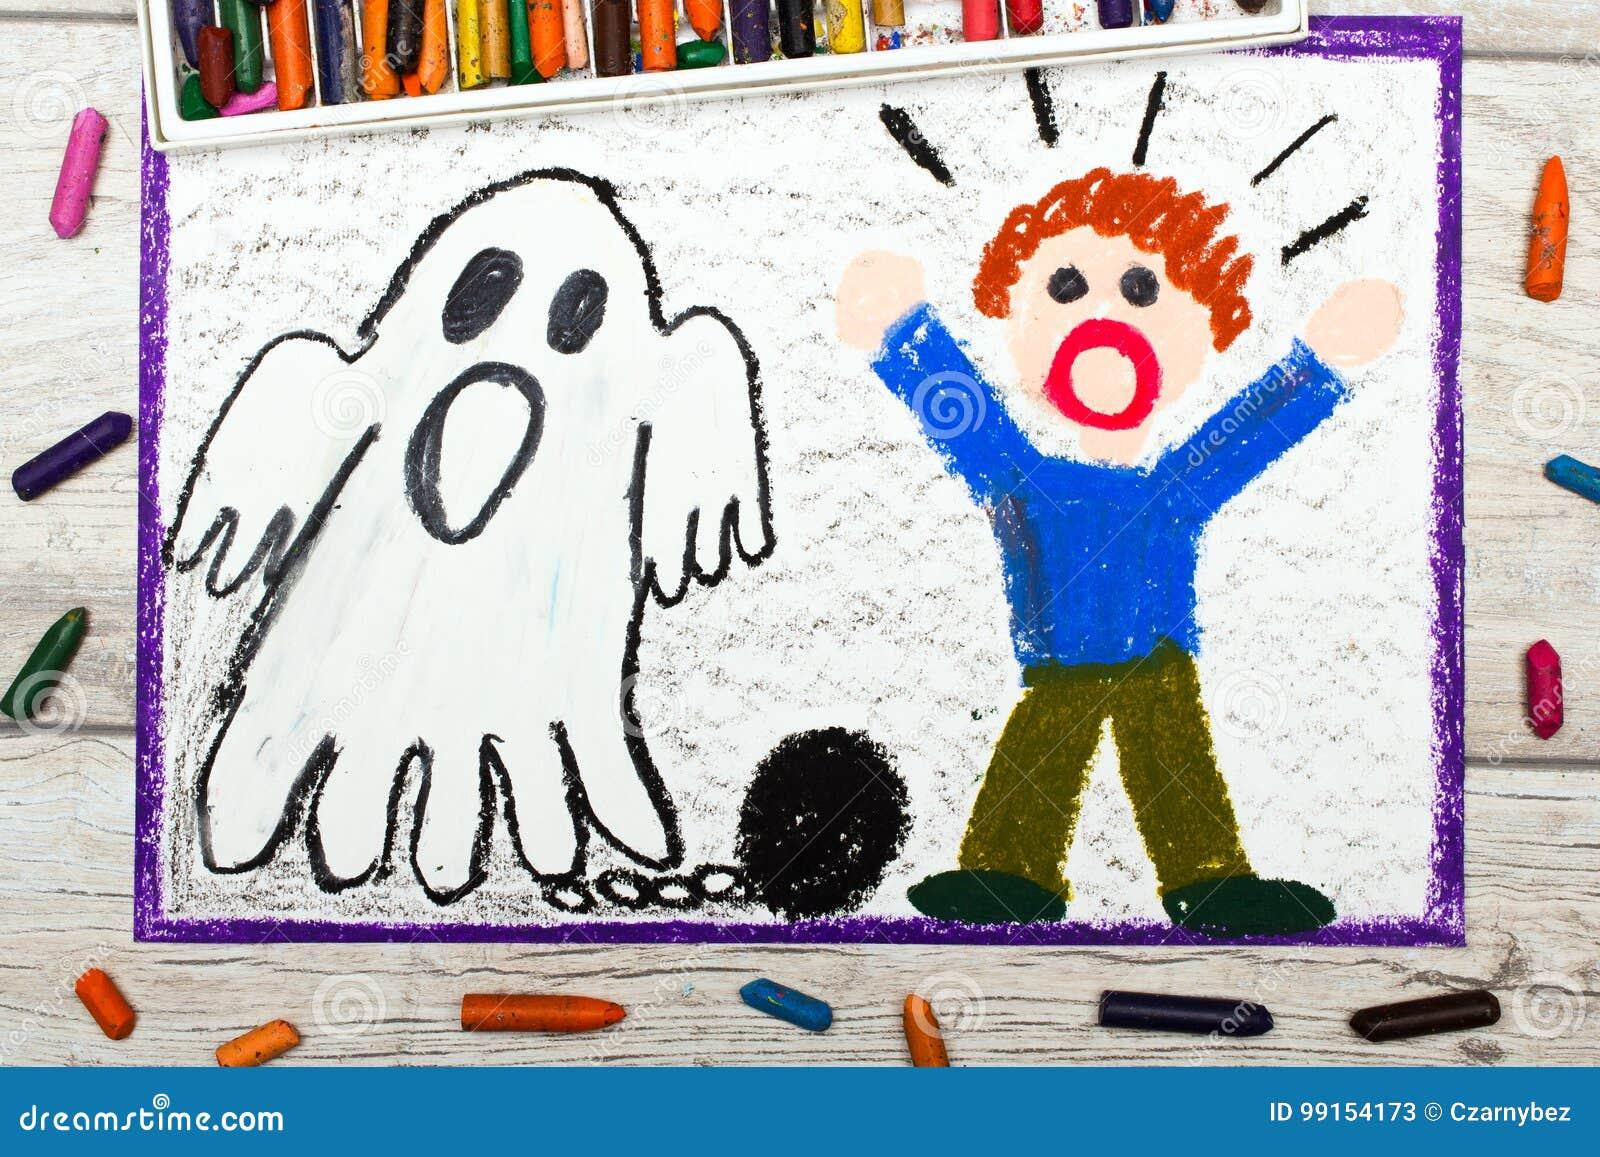 Het trekken: Eng spook met kettingen en doen schrikken weinig jongen